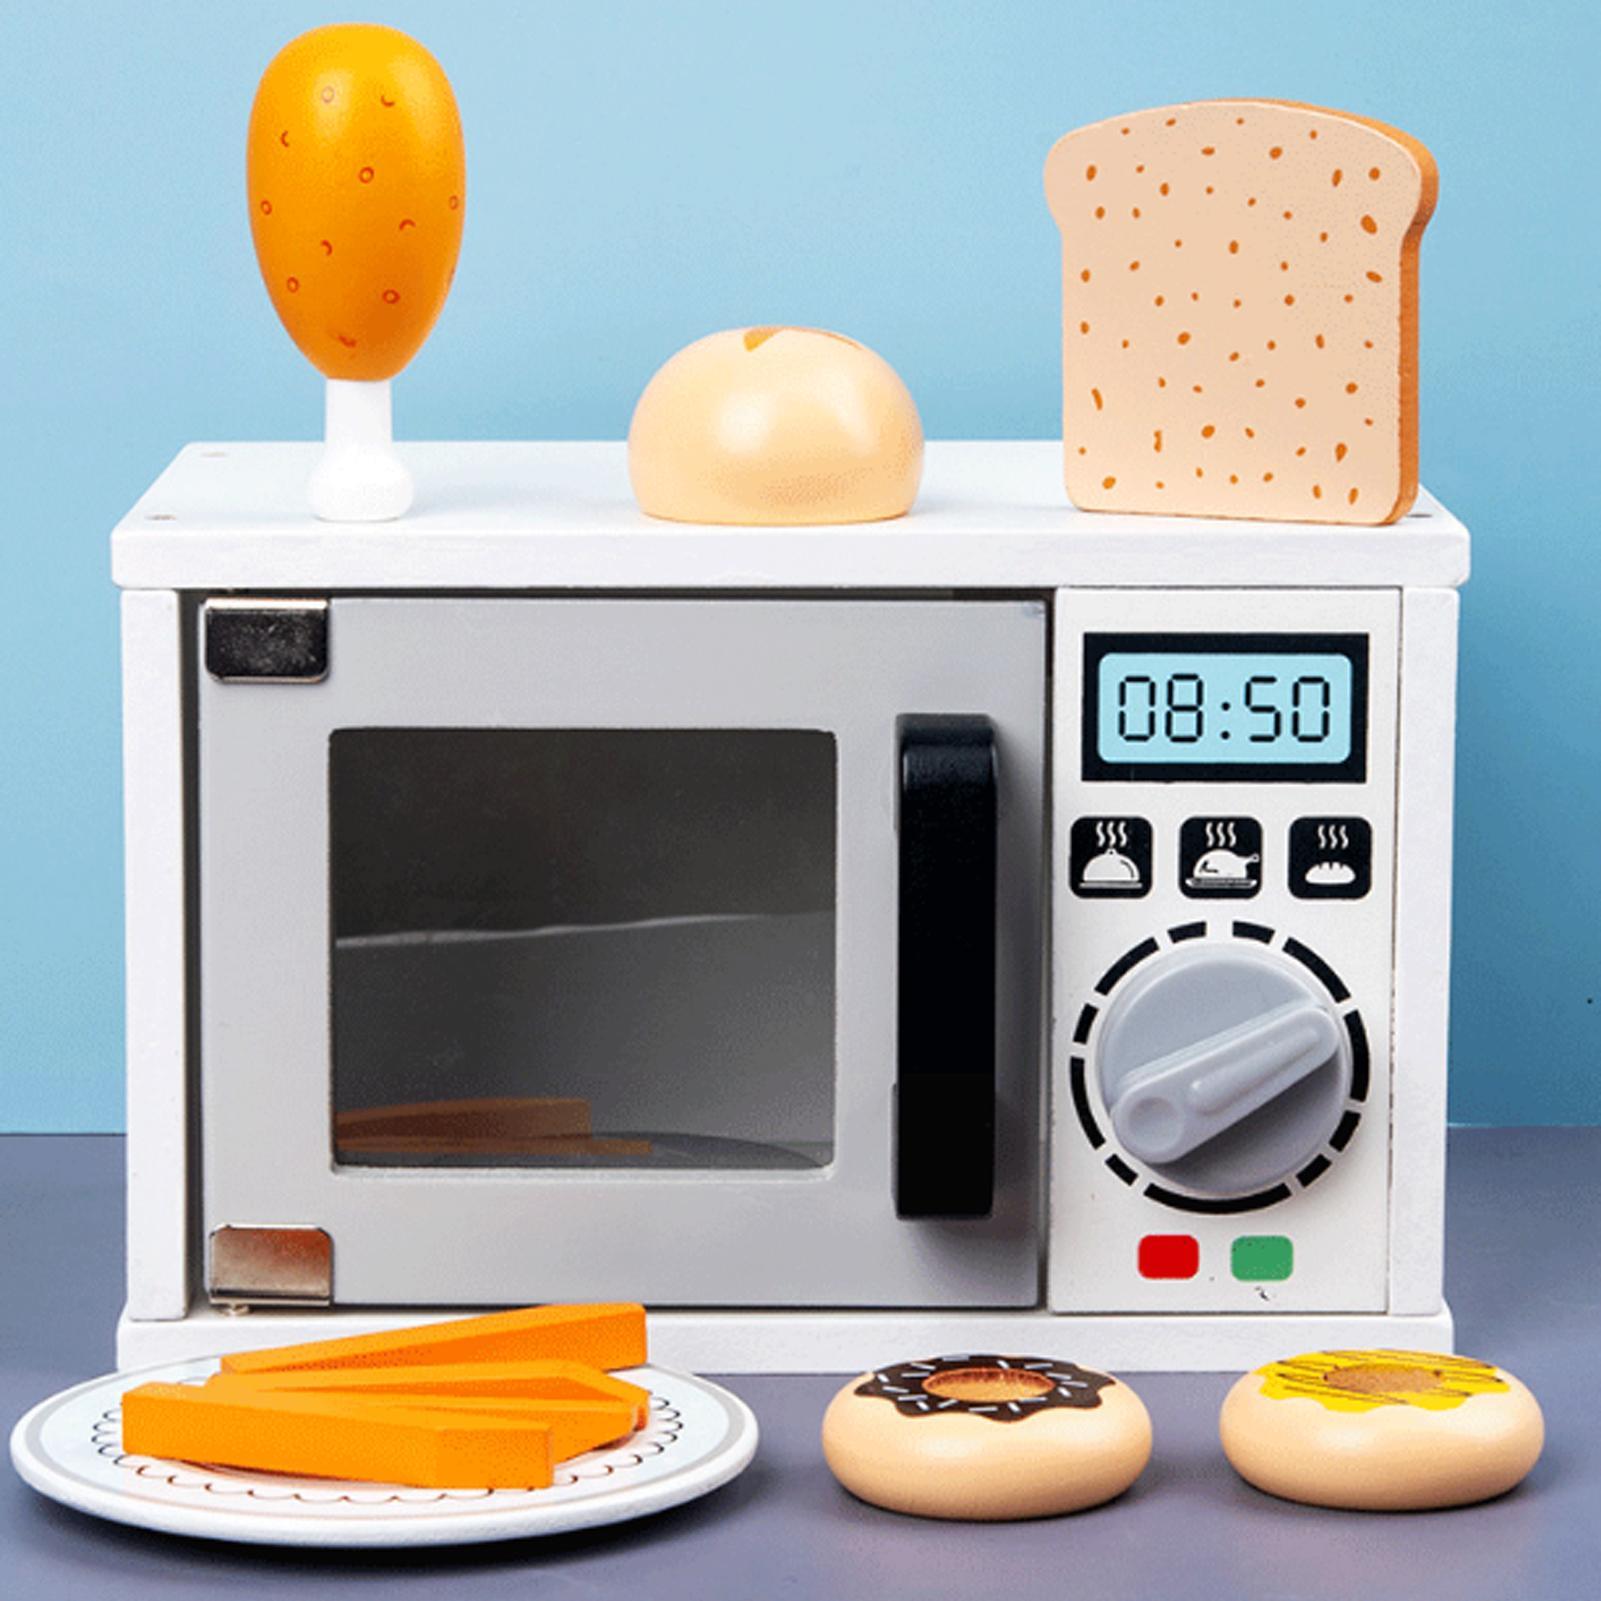 Juguetes De Cocina De Simulación De Madera Para Niños Horno Microondas Alimentos Para Hornear Juegos Interactivos Para Padres E Hijos Juguetes De Cocina Aliexpress